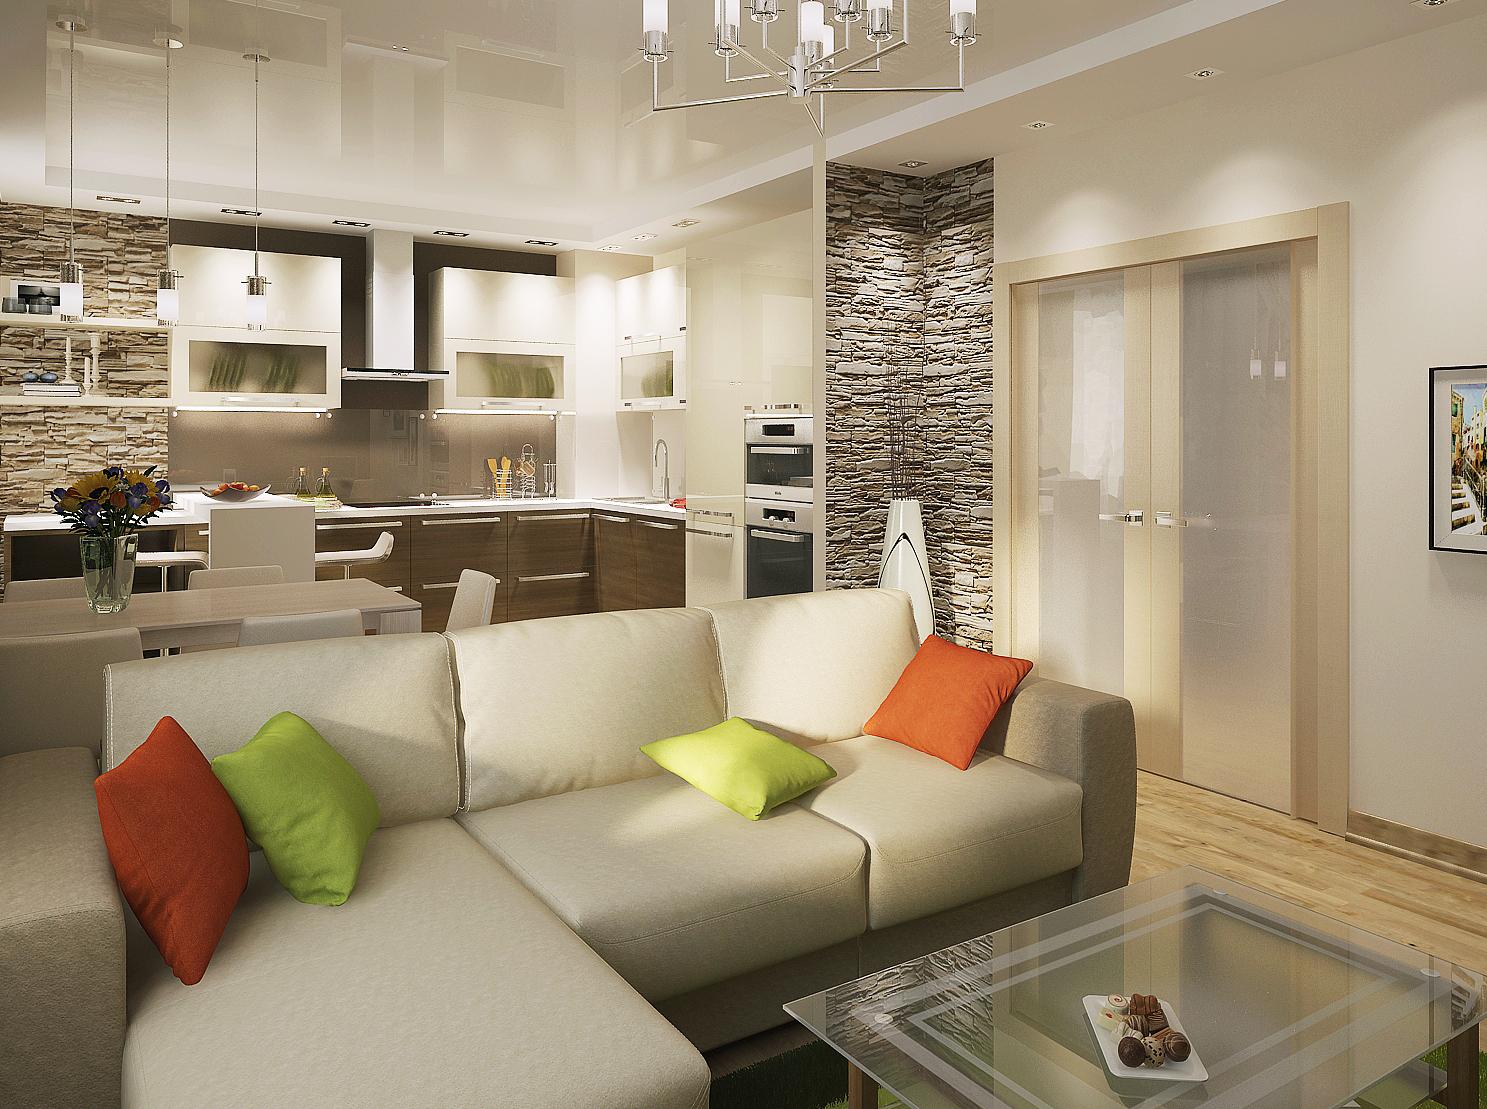 Интерьер квартир трехкомнатной квартиры